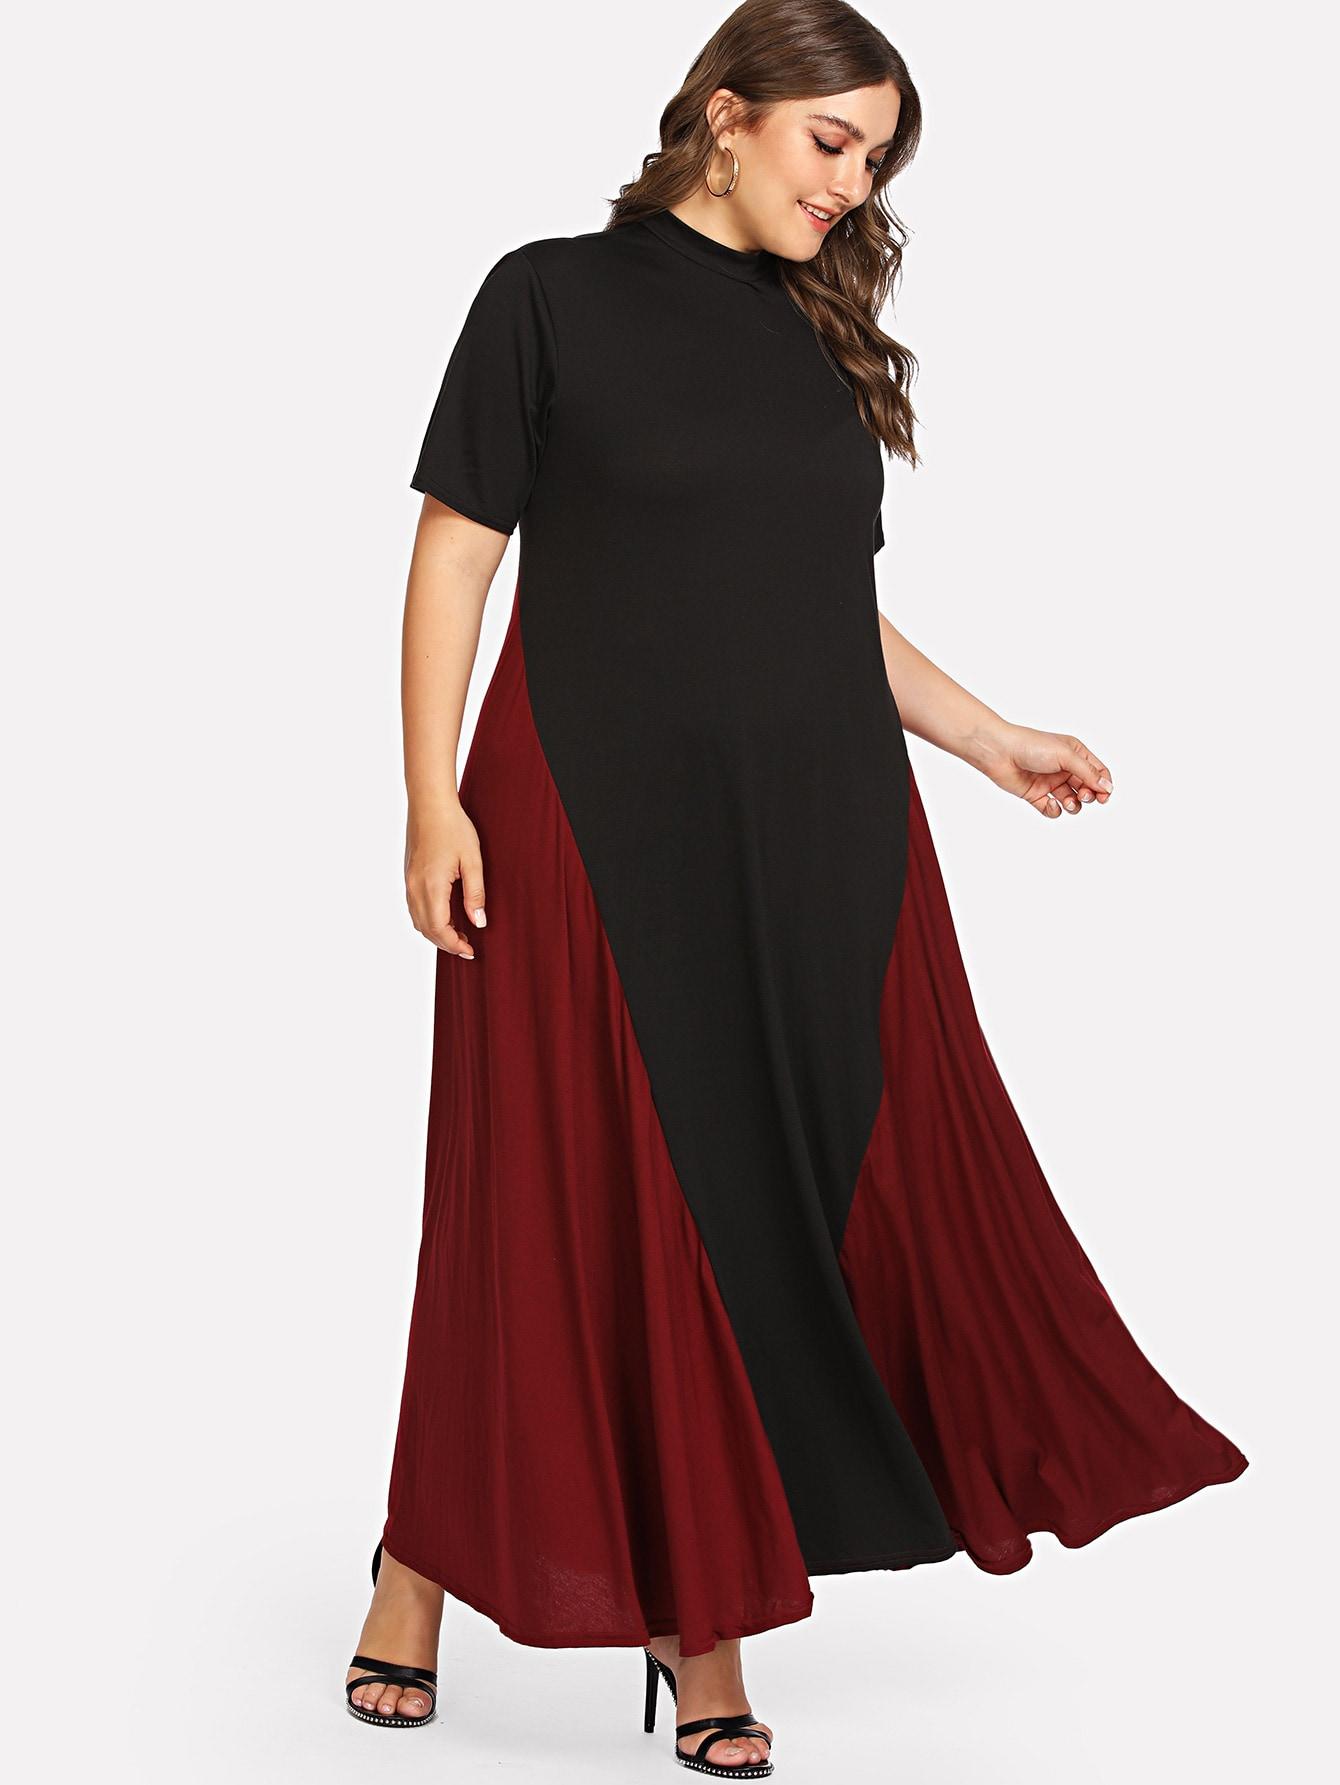 Купить Платье для шеи с вырезом и шитье, Franziska, SheIn